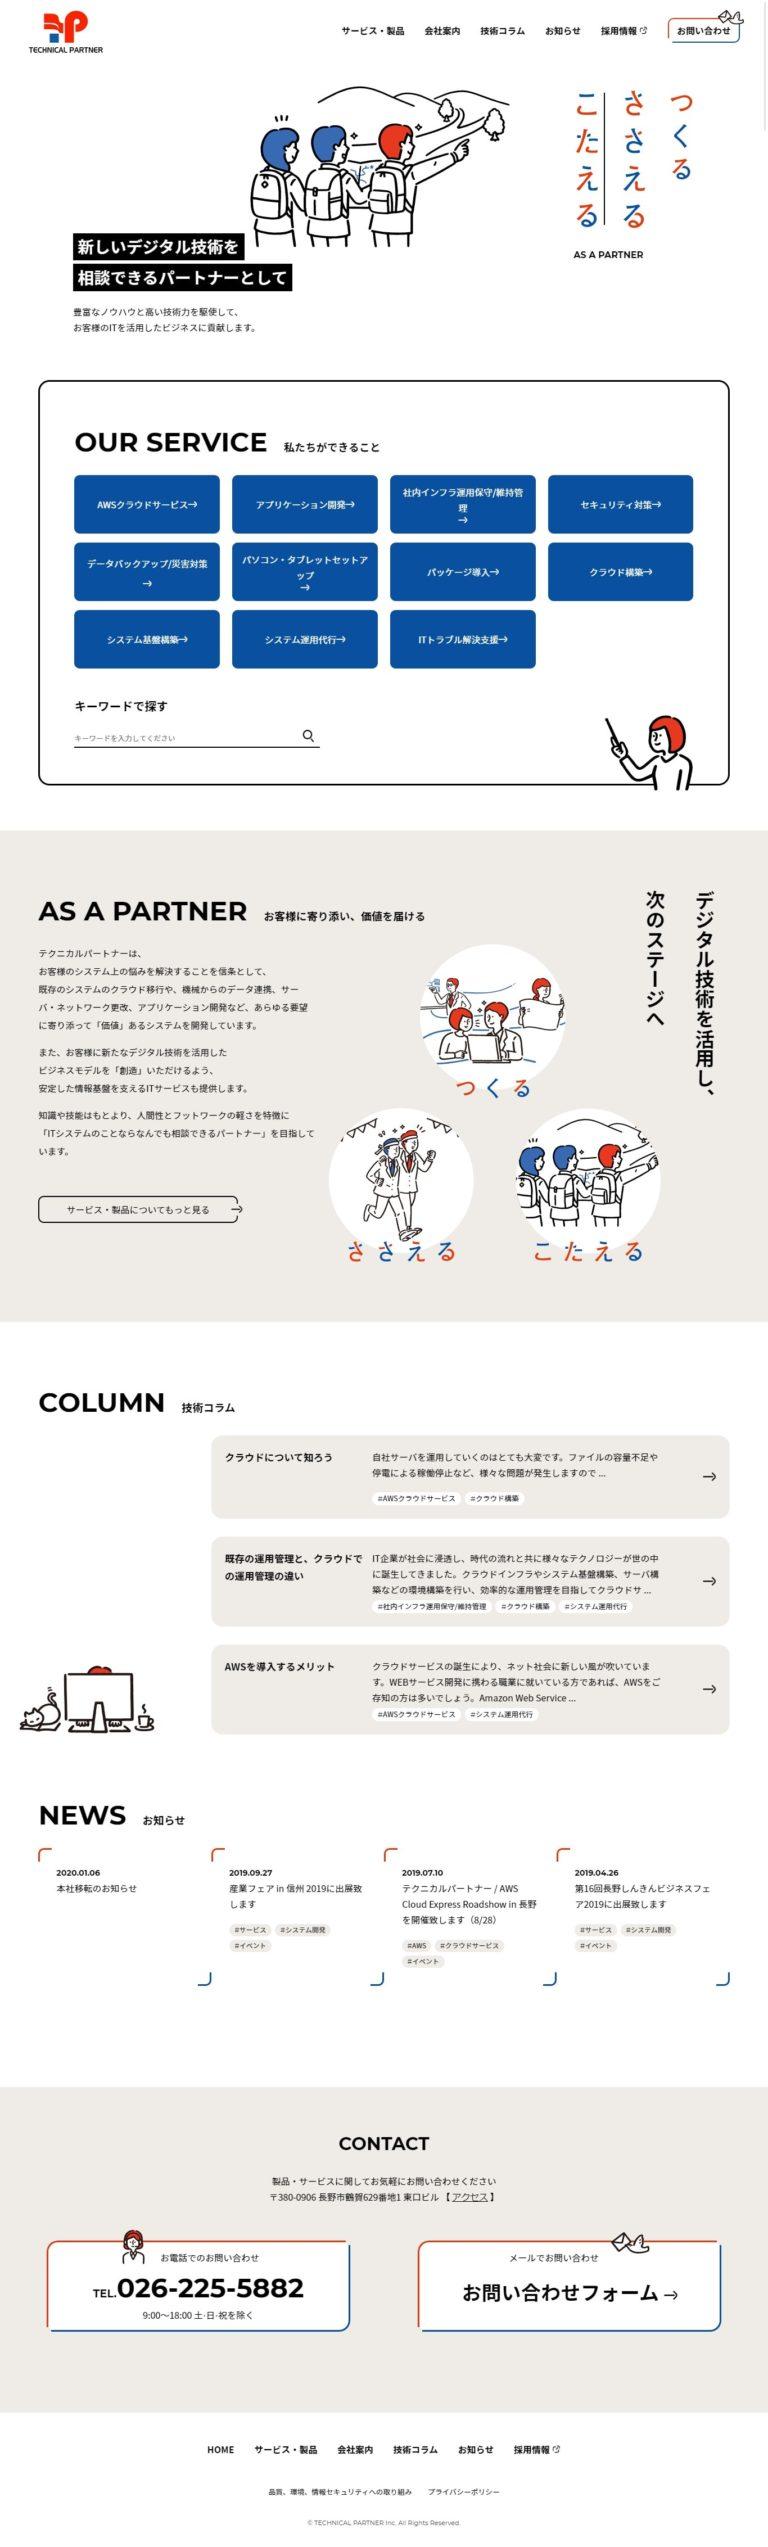 株式会社テクニカルパートナー - ITシステム開発・基盤構築